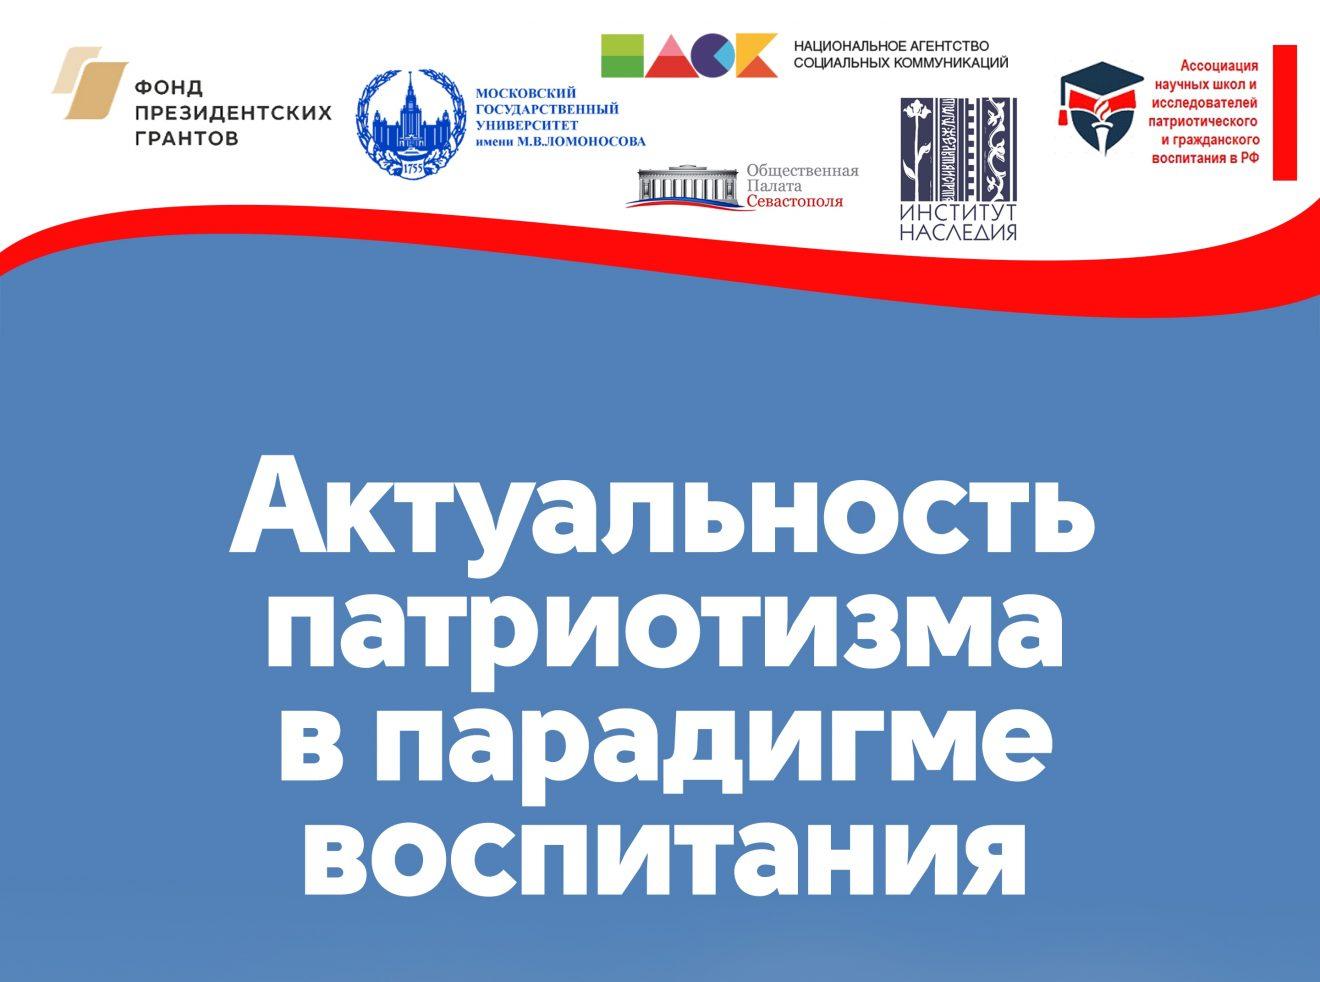 Совещание по патриотическому воспитанию на Сибирской земле